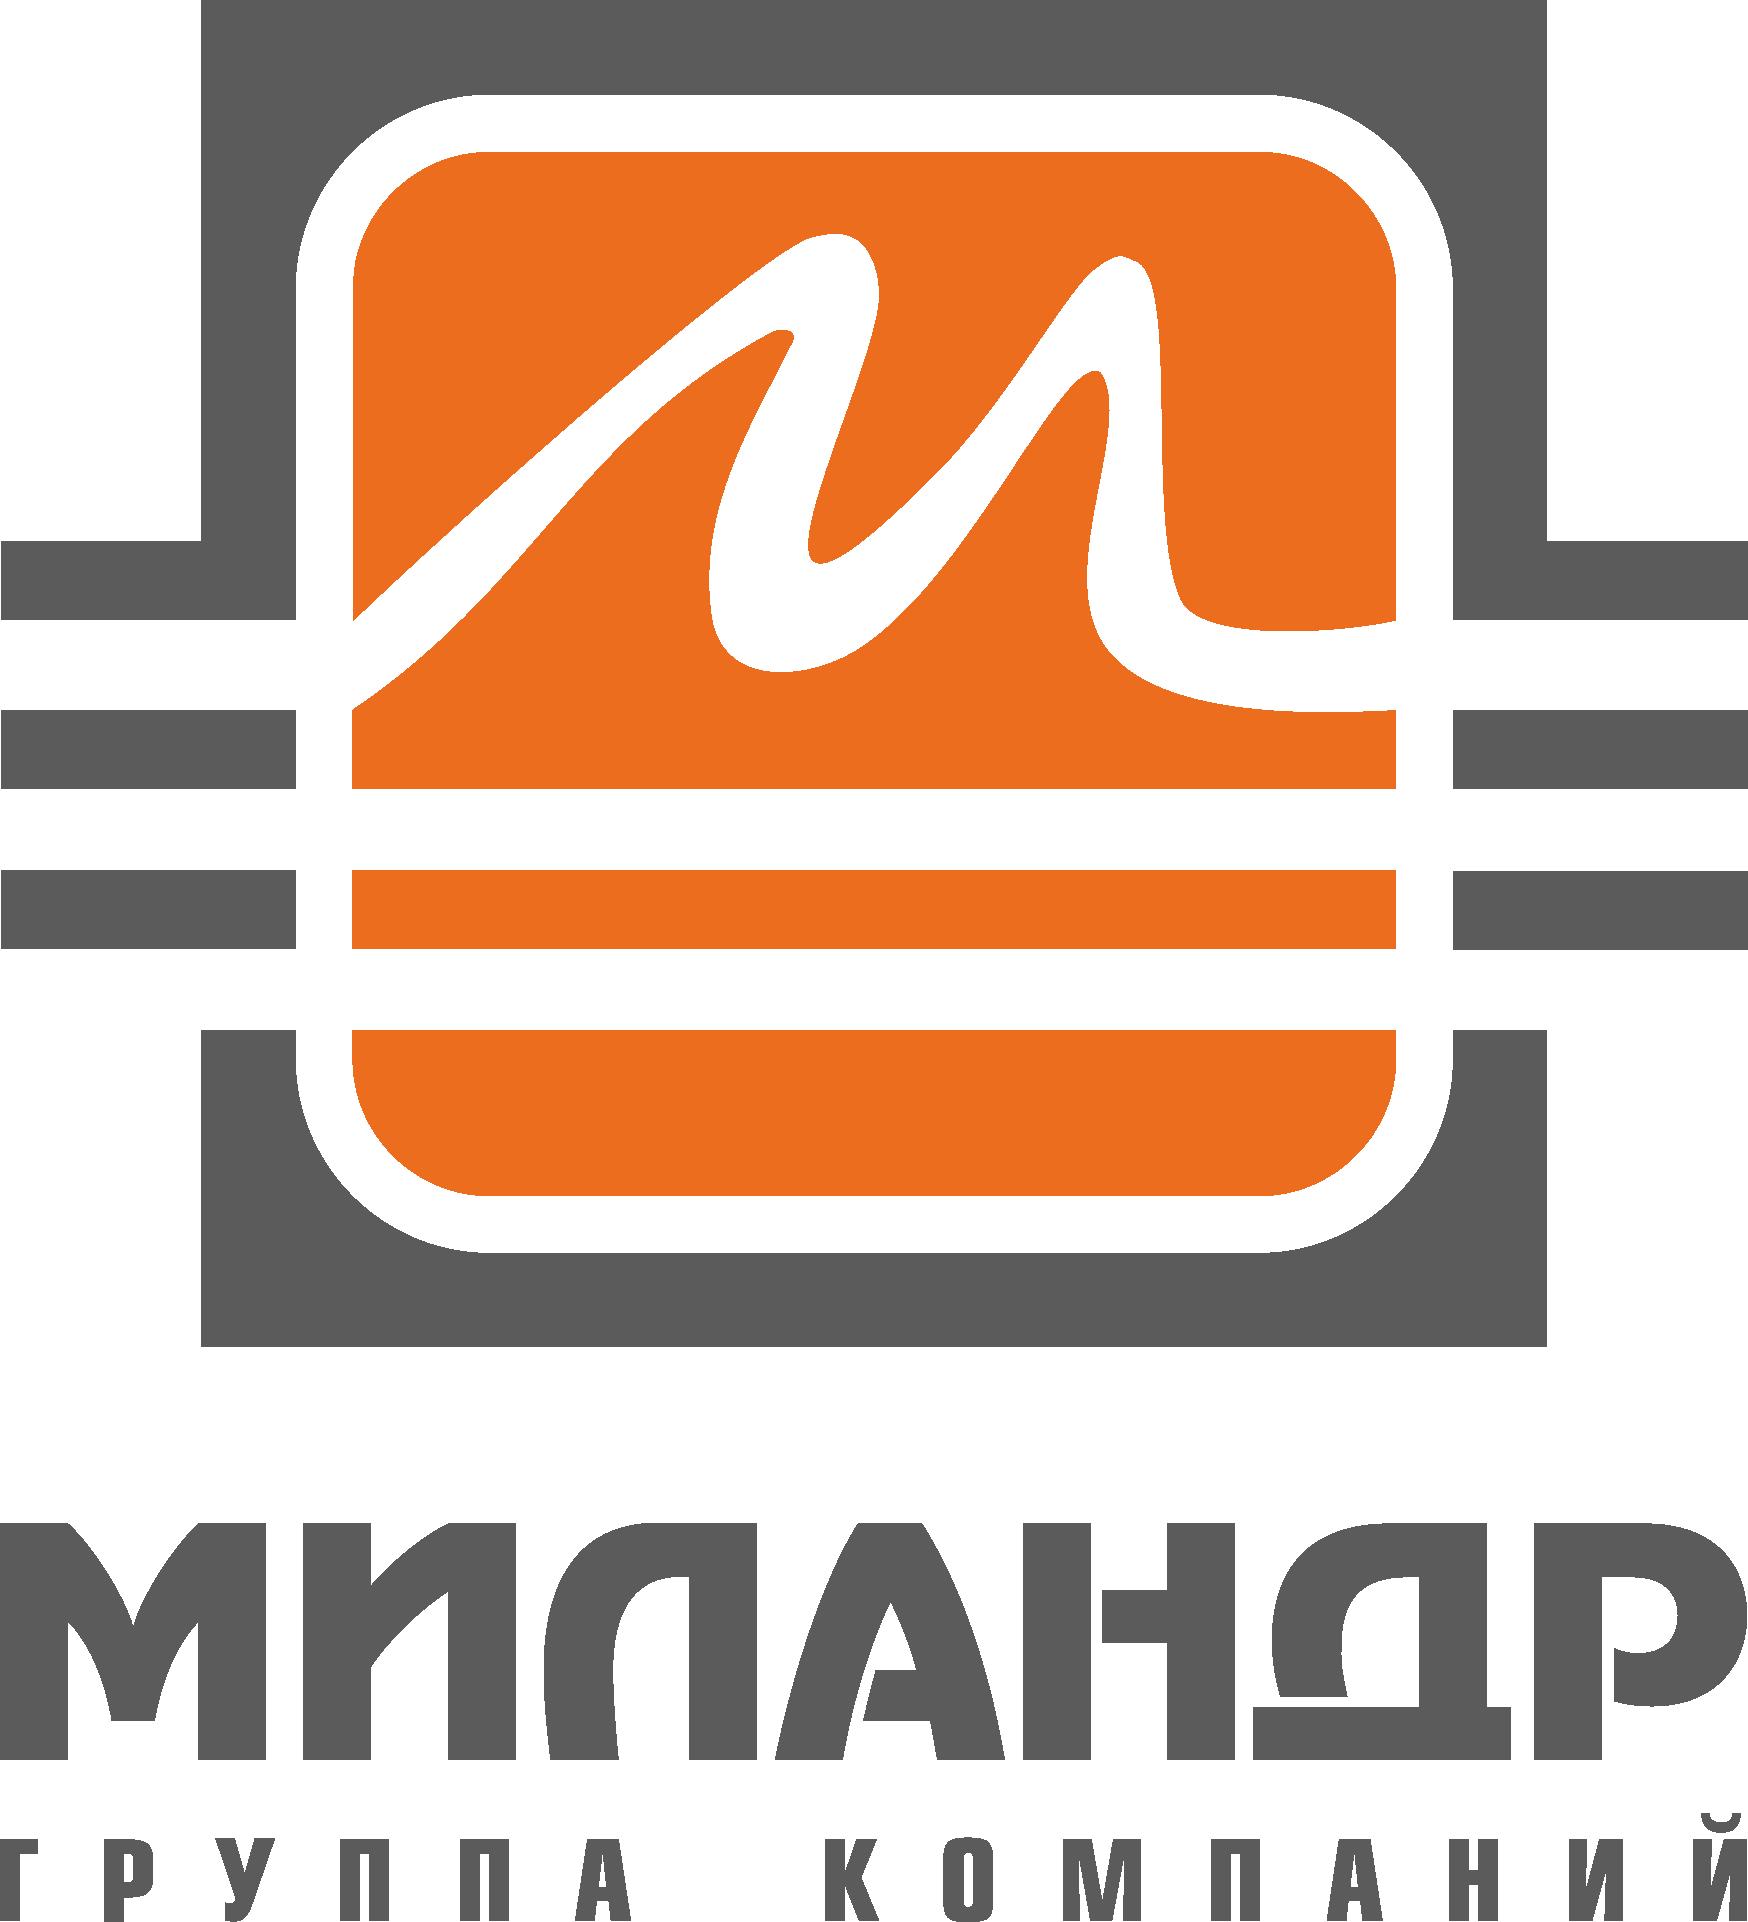 Аттестация назнание микроконтроллеров фирмы Миландр